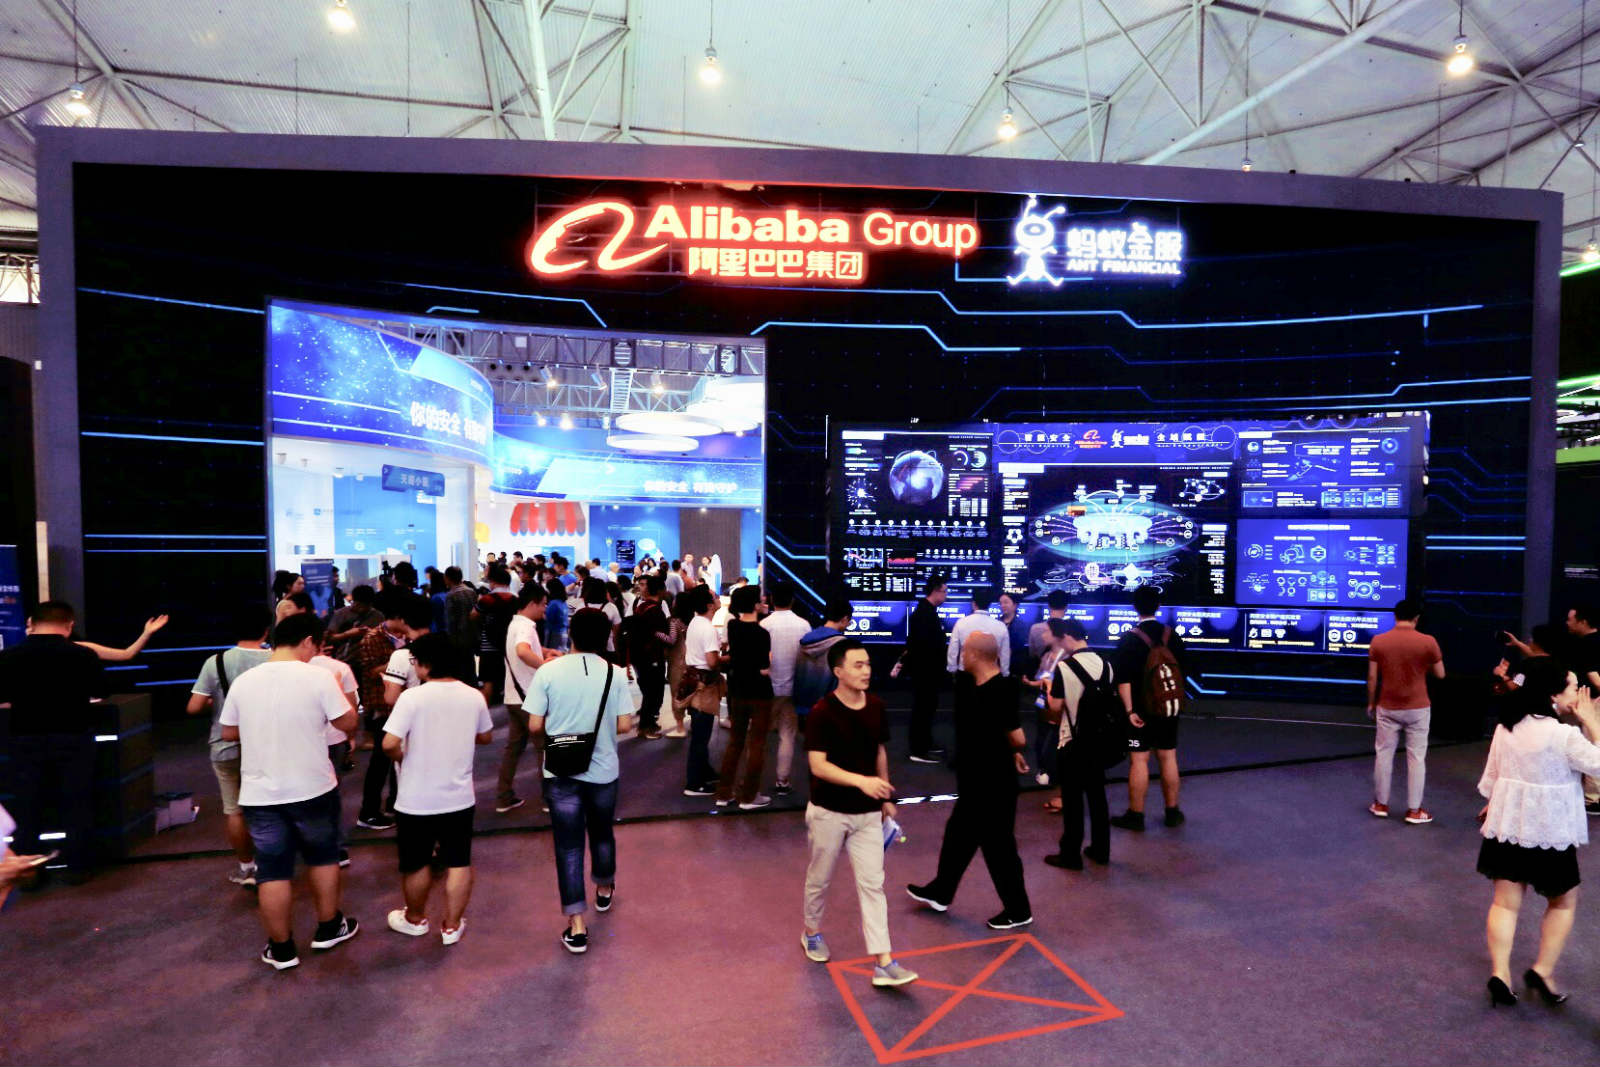 9月17日,2018网络安全宣传周·网络安全博览会在成都揭幕,阿里巴巴展馆备受关注。 _meitu_22